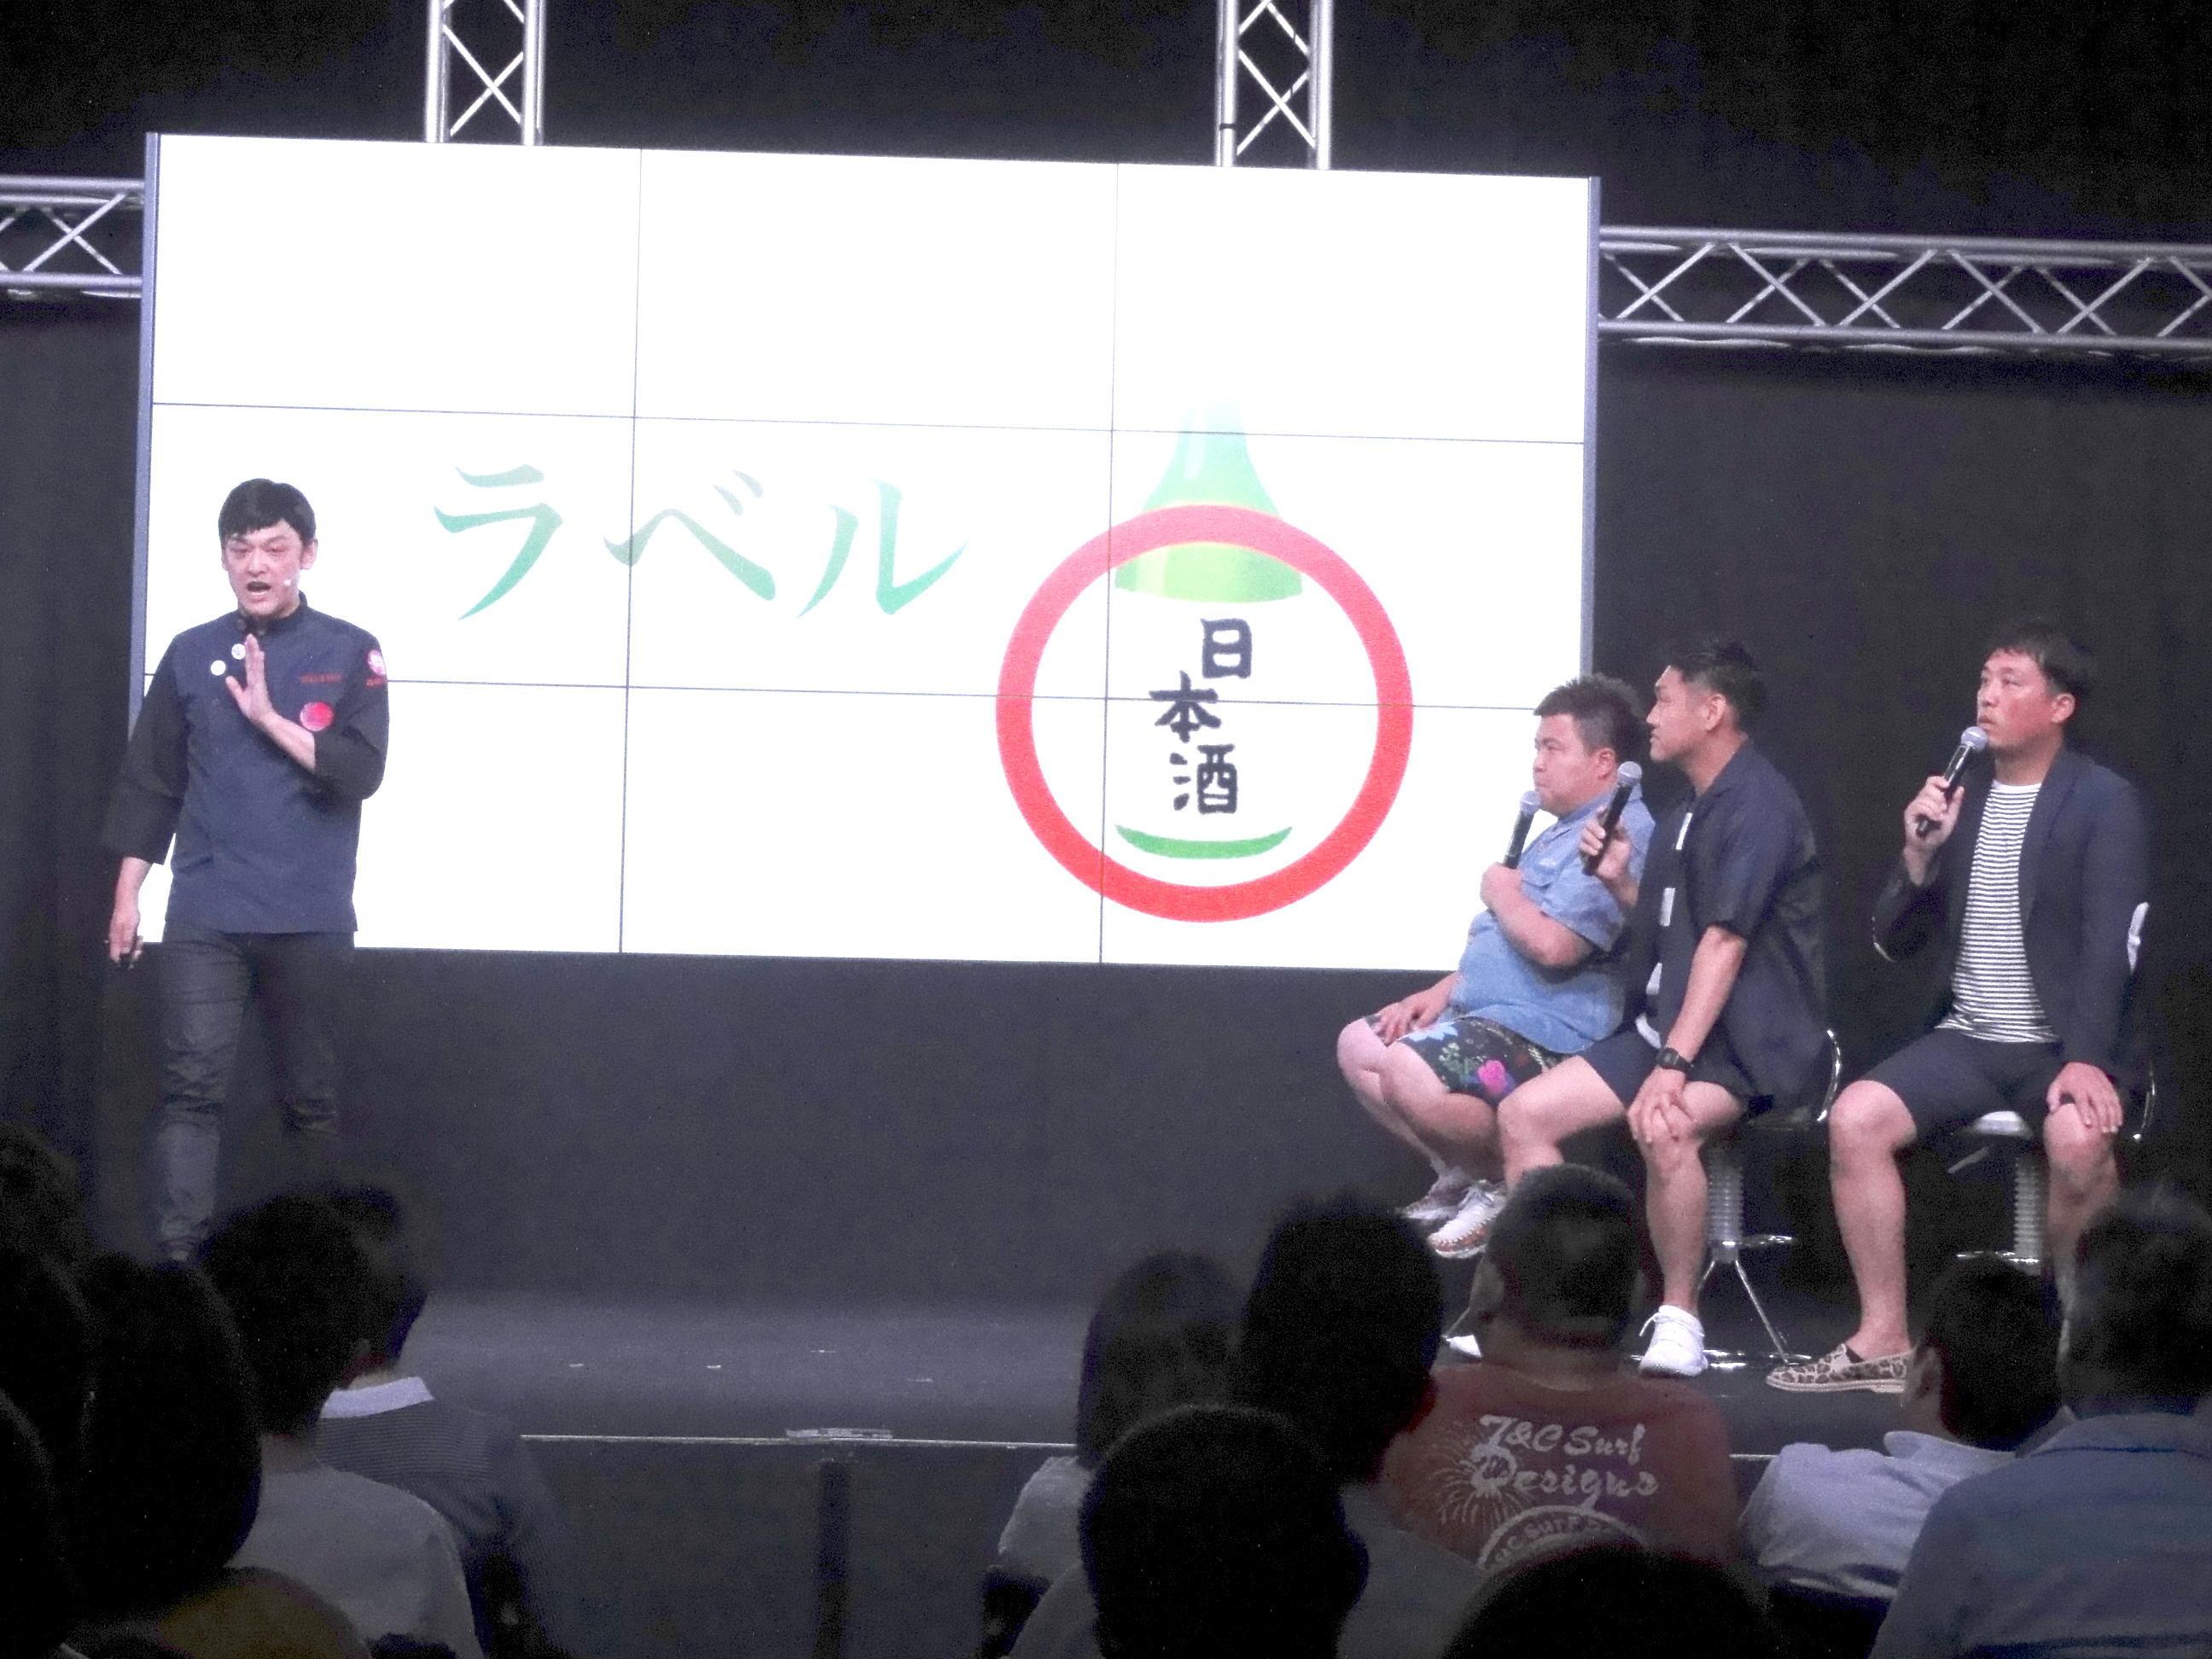 http://news.yoshimoto.co.jp/20170715003621-ce09d3018400a3bb7bd60cc519e8ee24dd7e1e1e.jpg